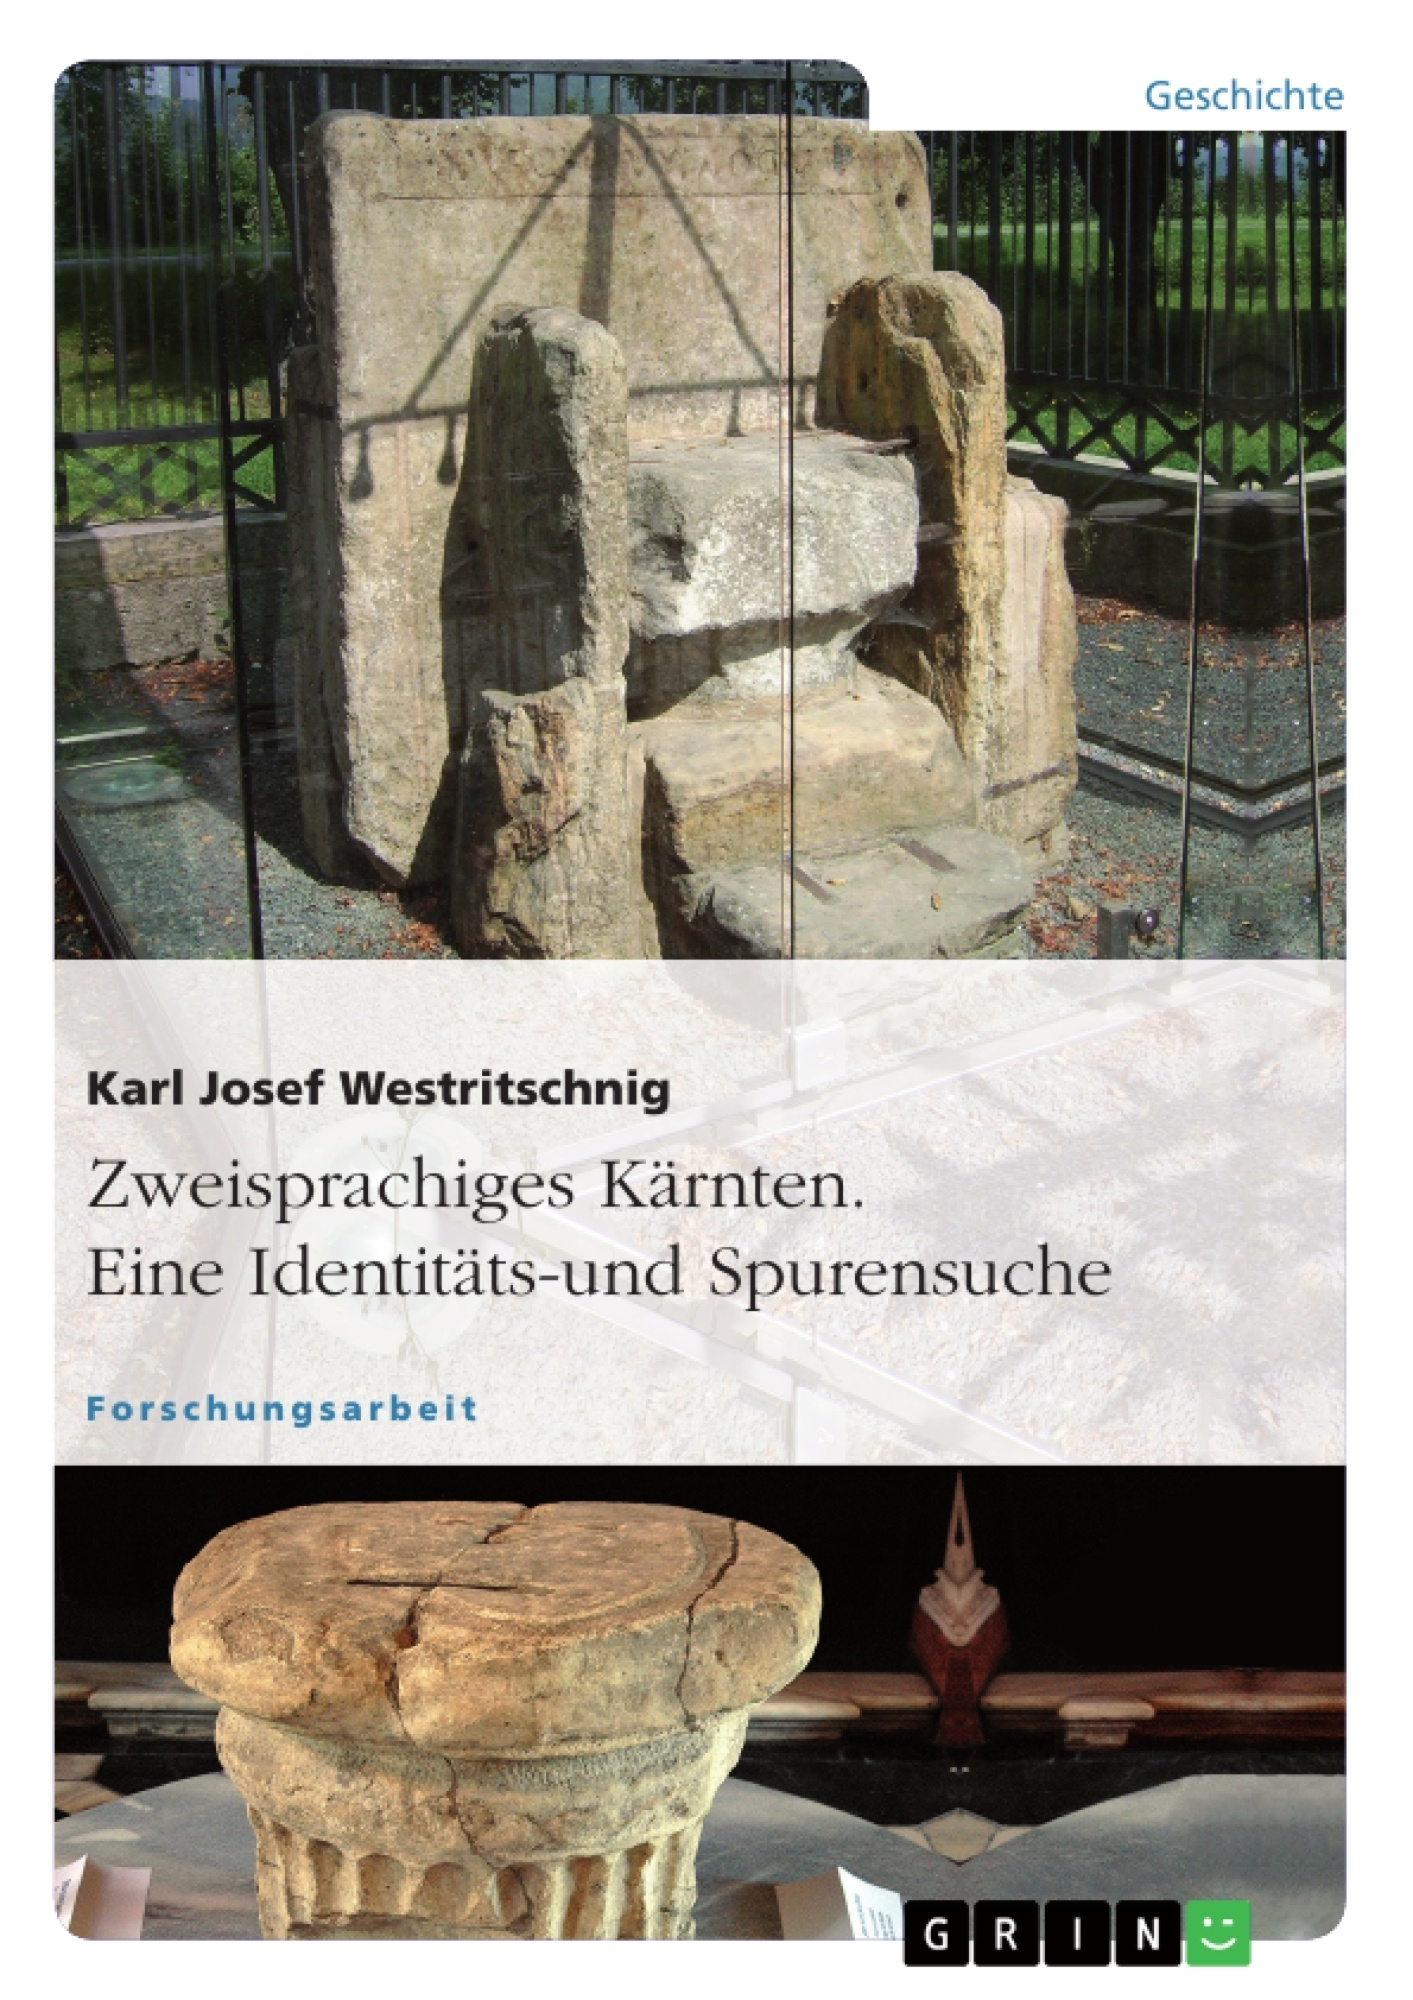 Titel: Zweisprachiges Kärnten. Eine Identitäts- und Spurensuche